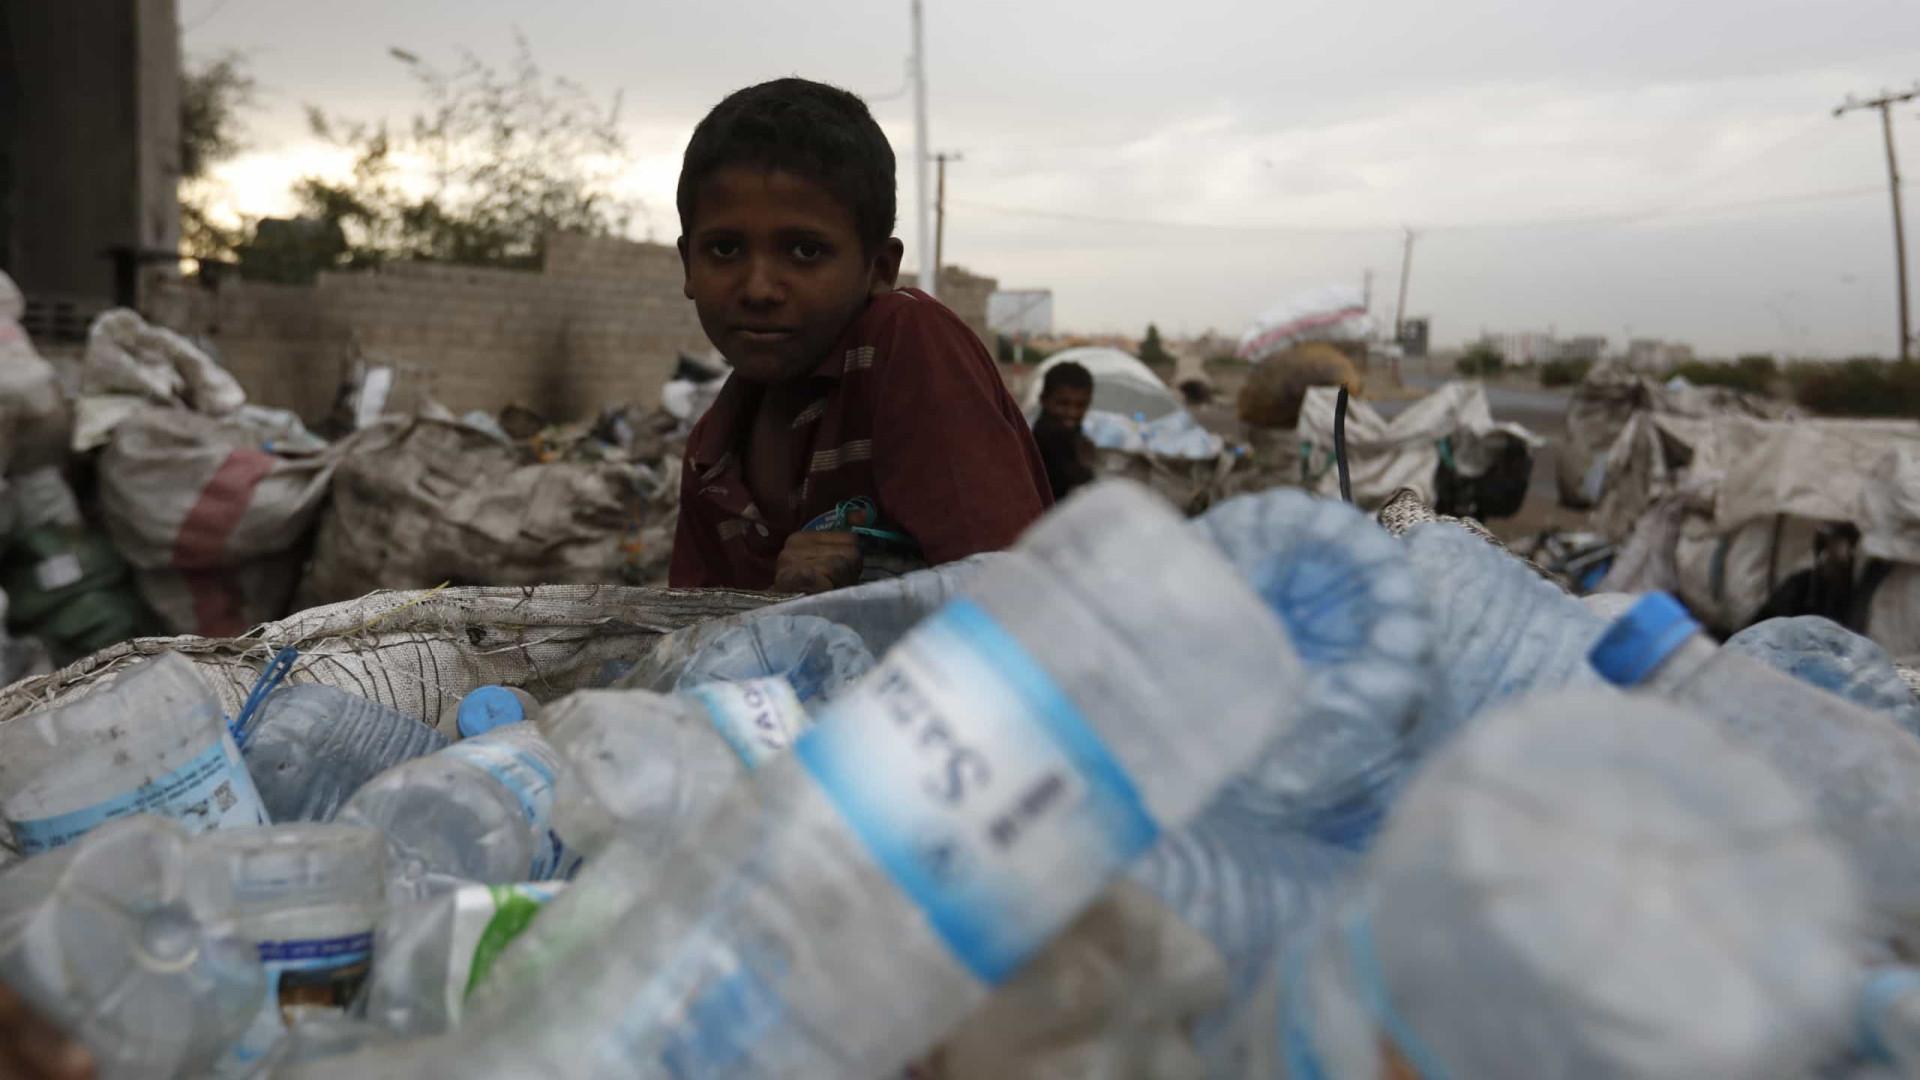 Pandemia aumenta trabalho infantil e deixa mais longe meta de erradicação